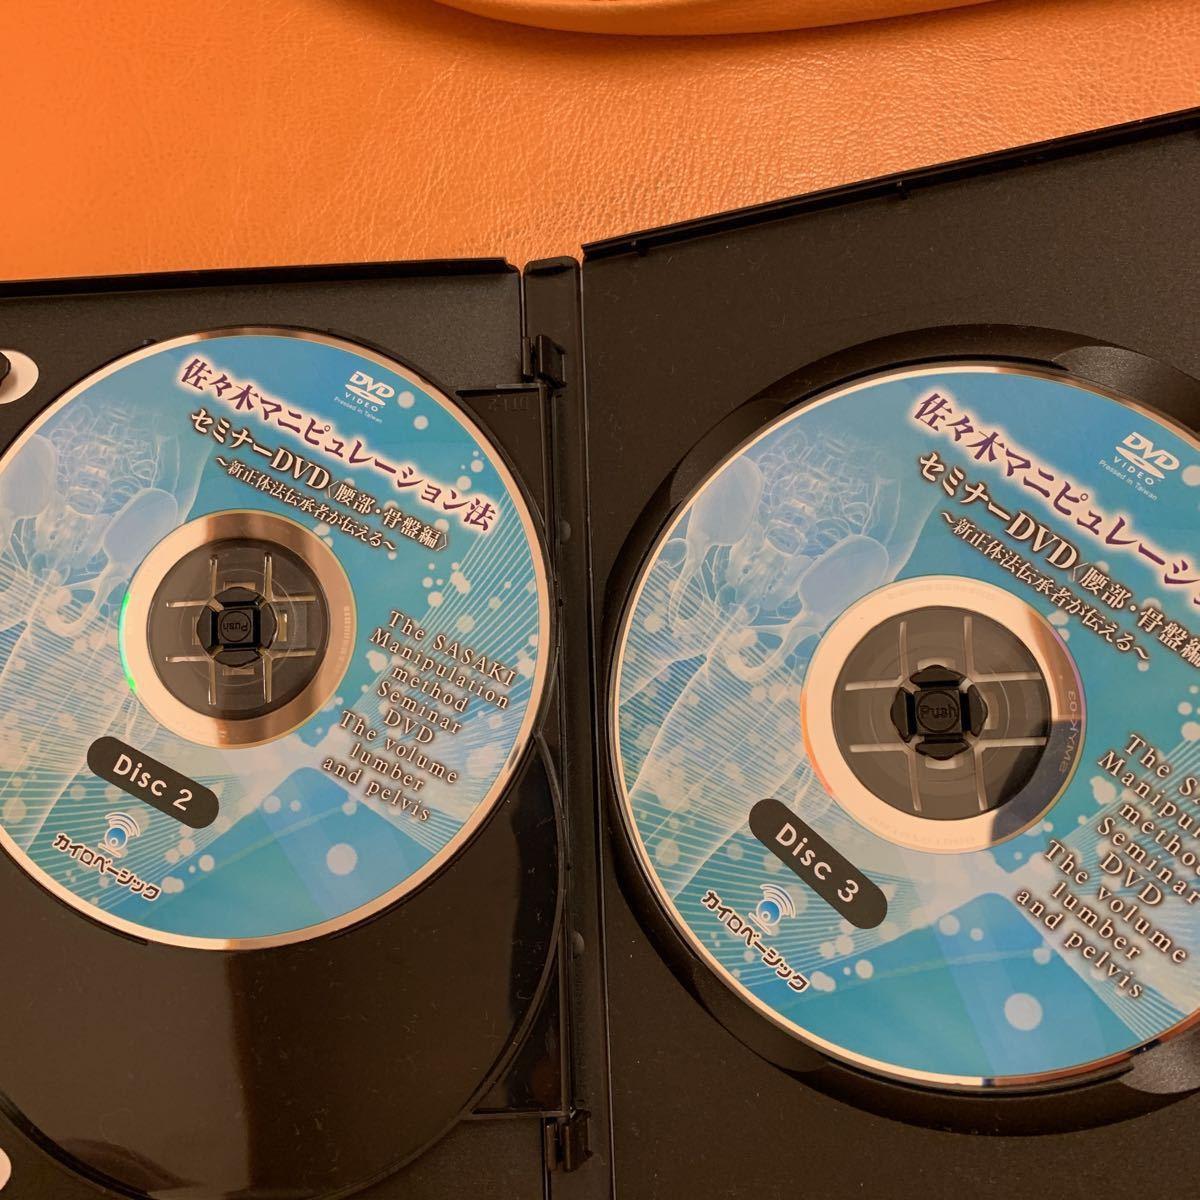 【佐々木マニピュレーション法セミナー 腰部骨盤編】本編DVD+臨床動画DVD 佐々木繁光 整体_画像3